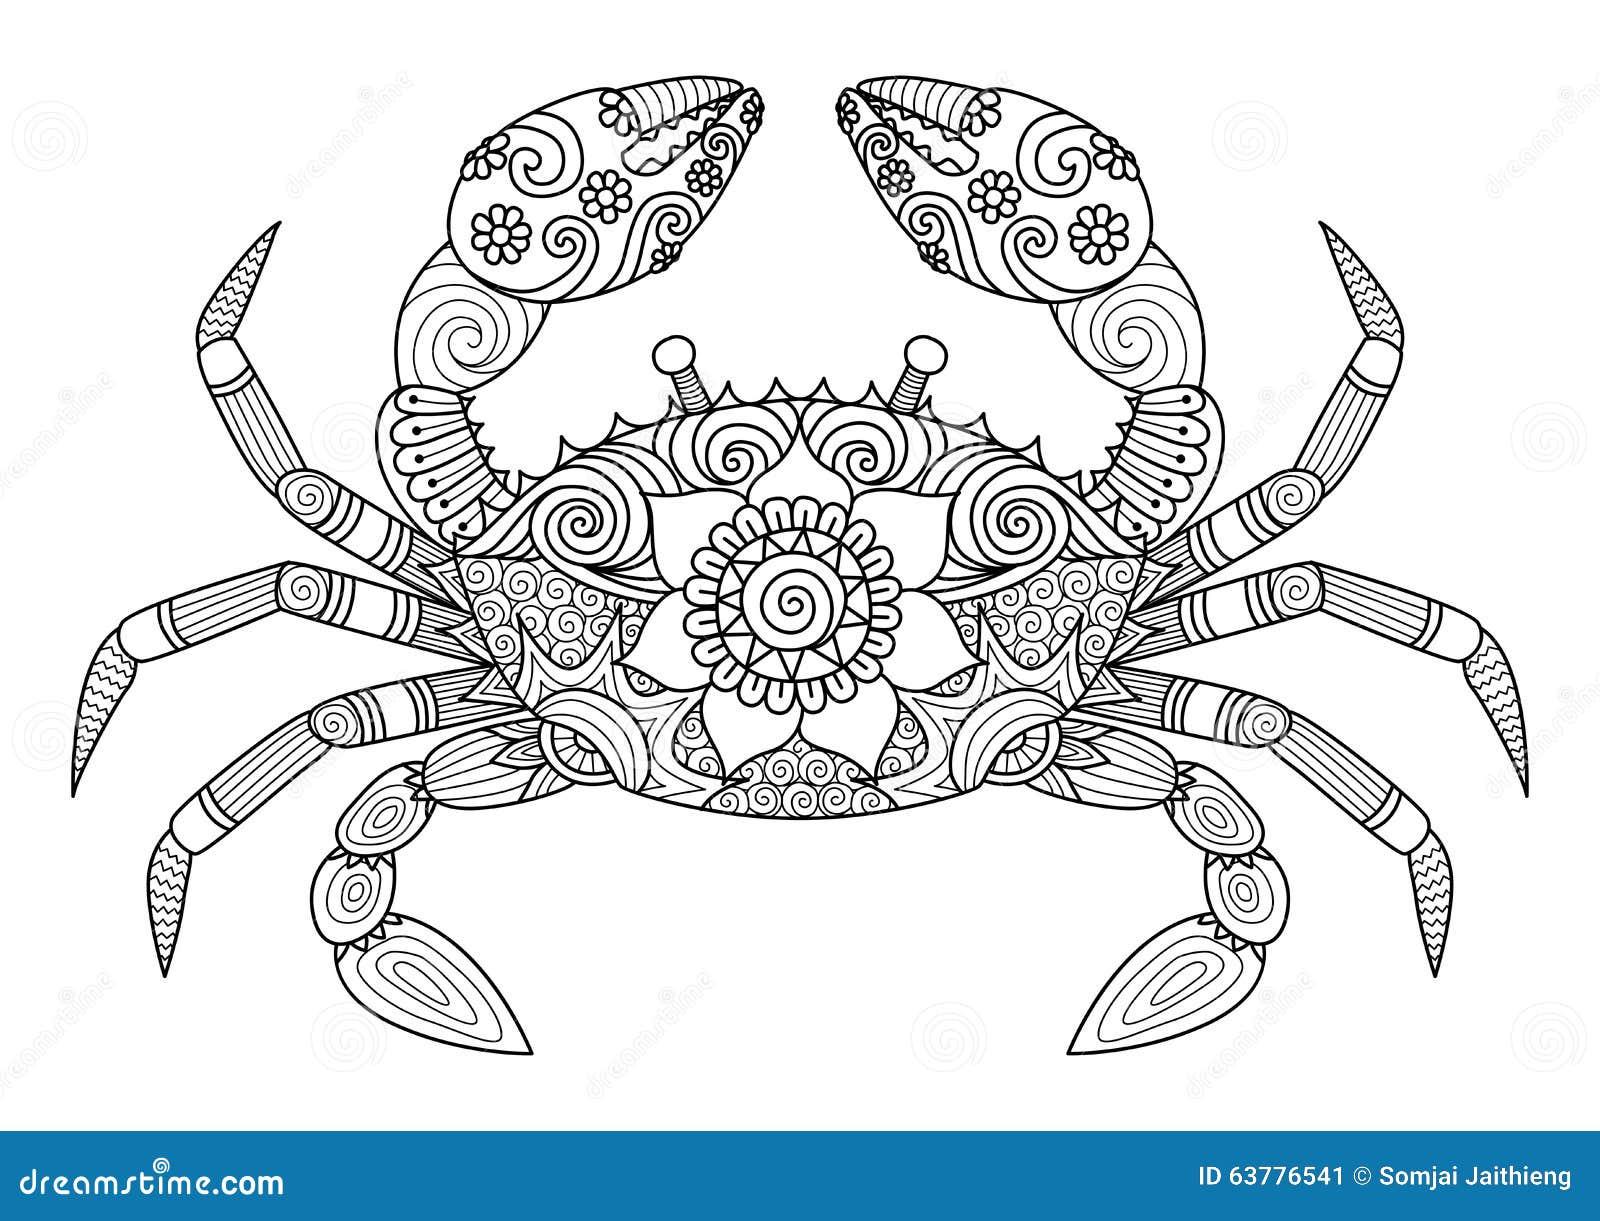 Cangrejo Ilustraciones Stock, Vectores, Y Clipart – (17,407 ...